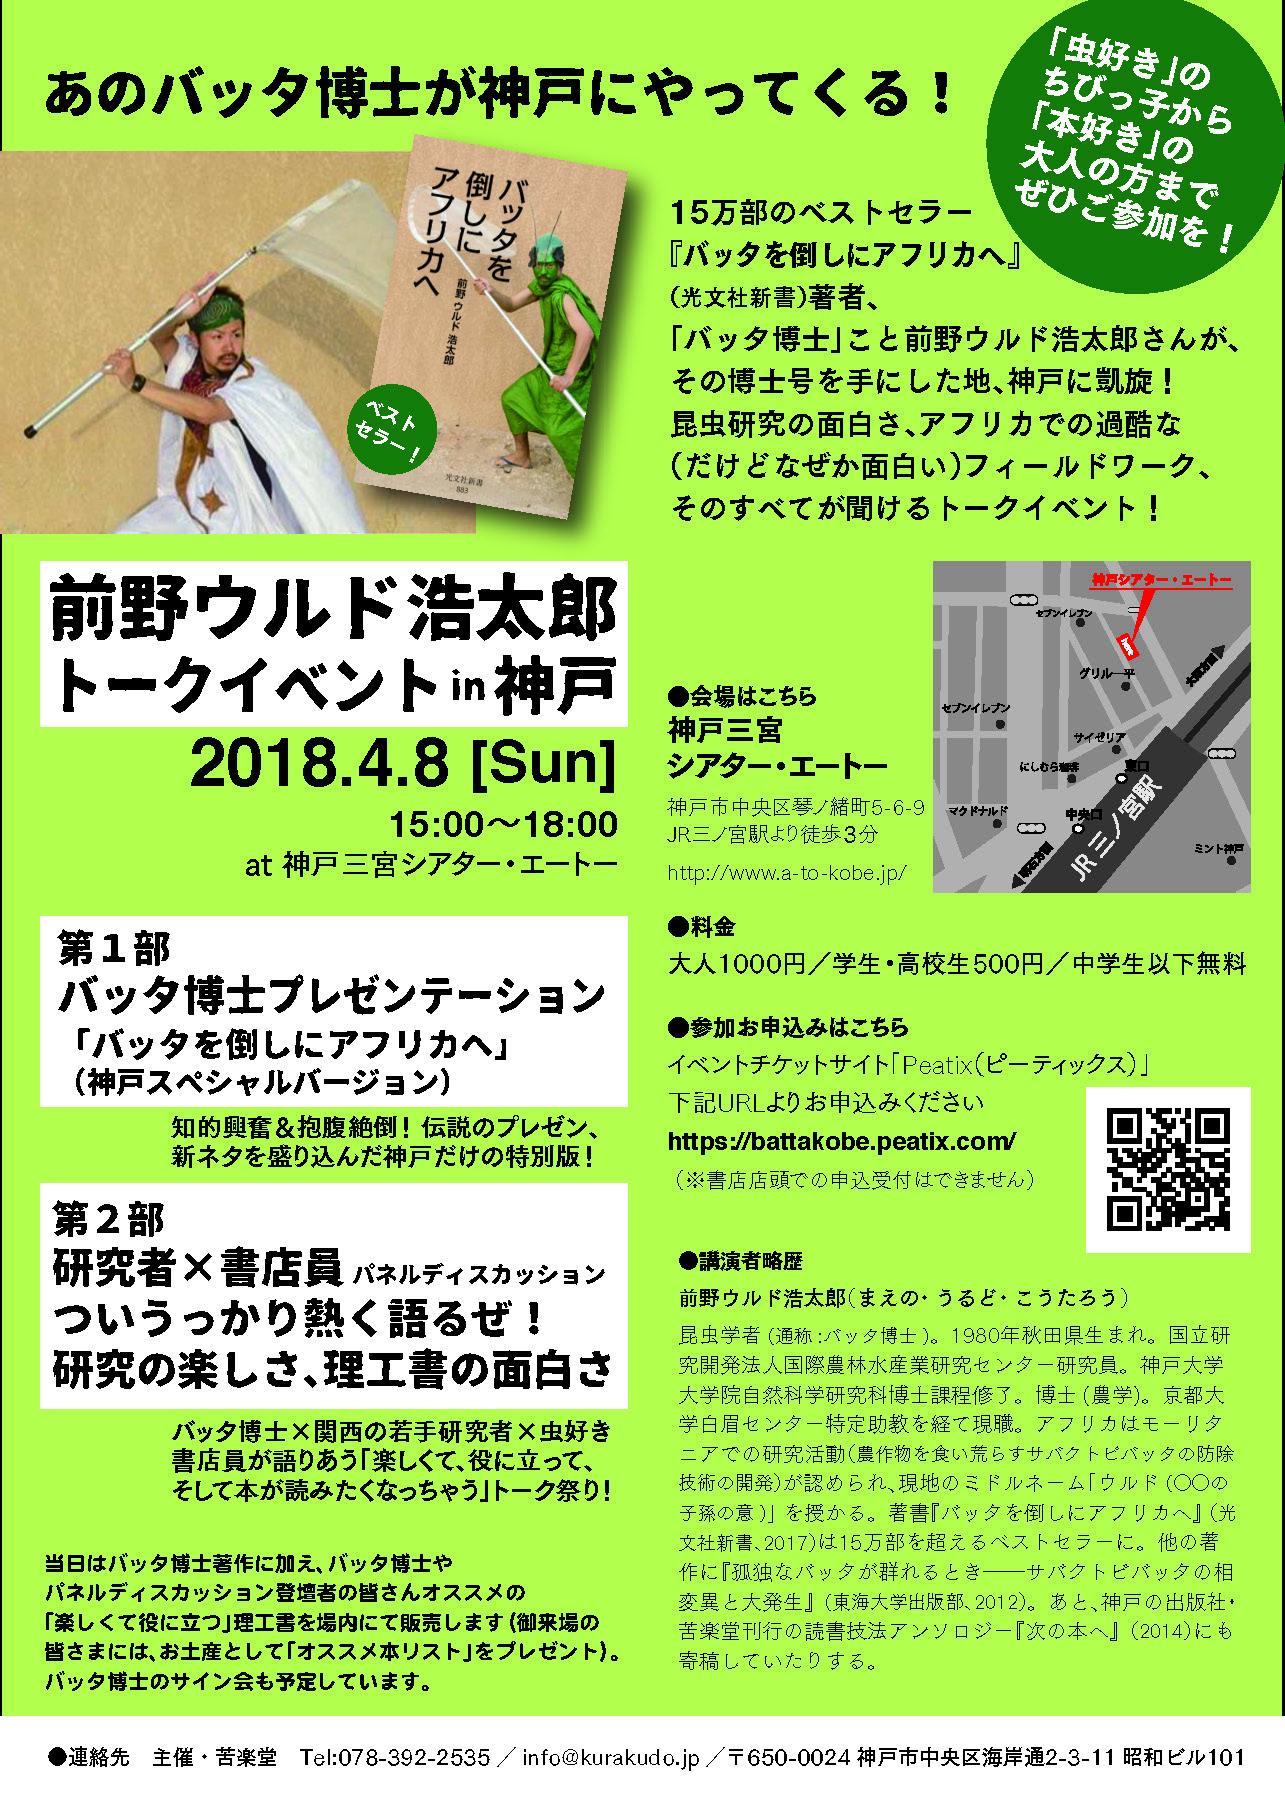 2018/4/8 「バッタ博士」前野ウルド浩太郎さんトークイベントのご案内